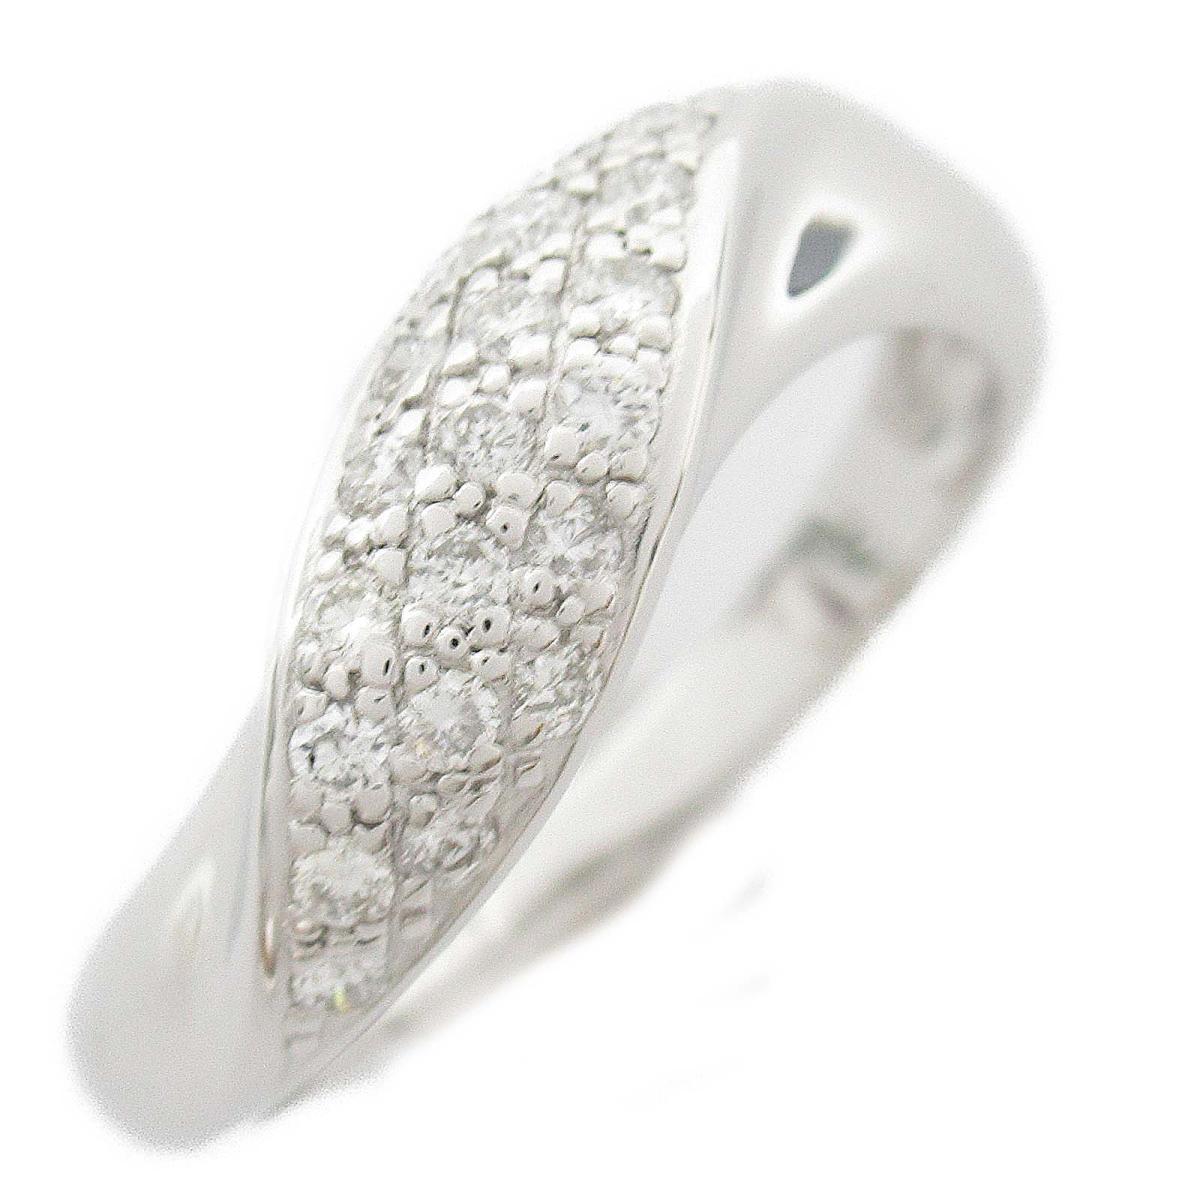 【中古】ジュエリー ダイヤモンド リング 指輪 レディース K18WG(750) ホワイトゴールド x ダイヤモンド0.29CT